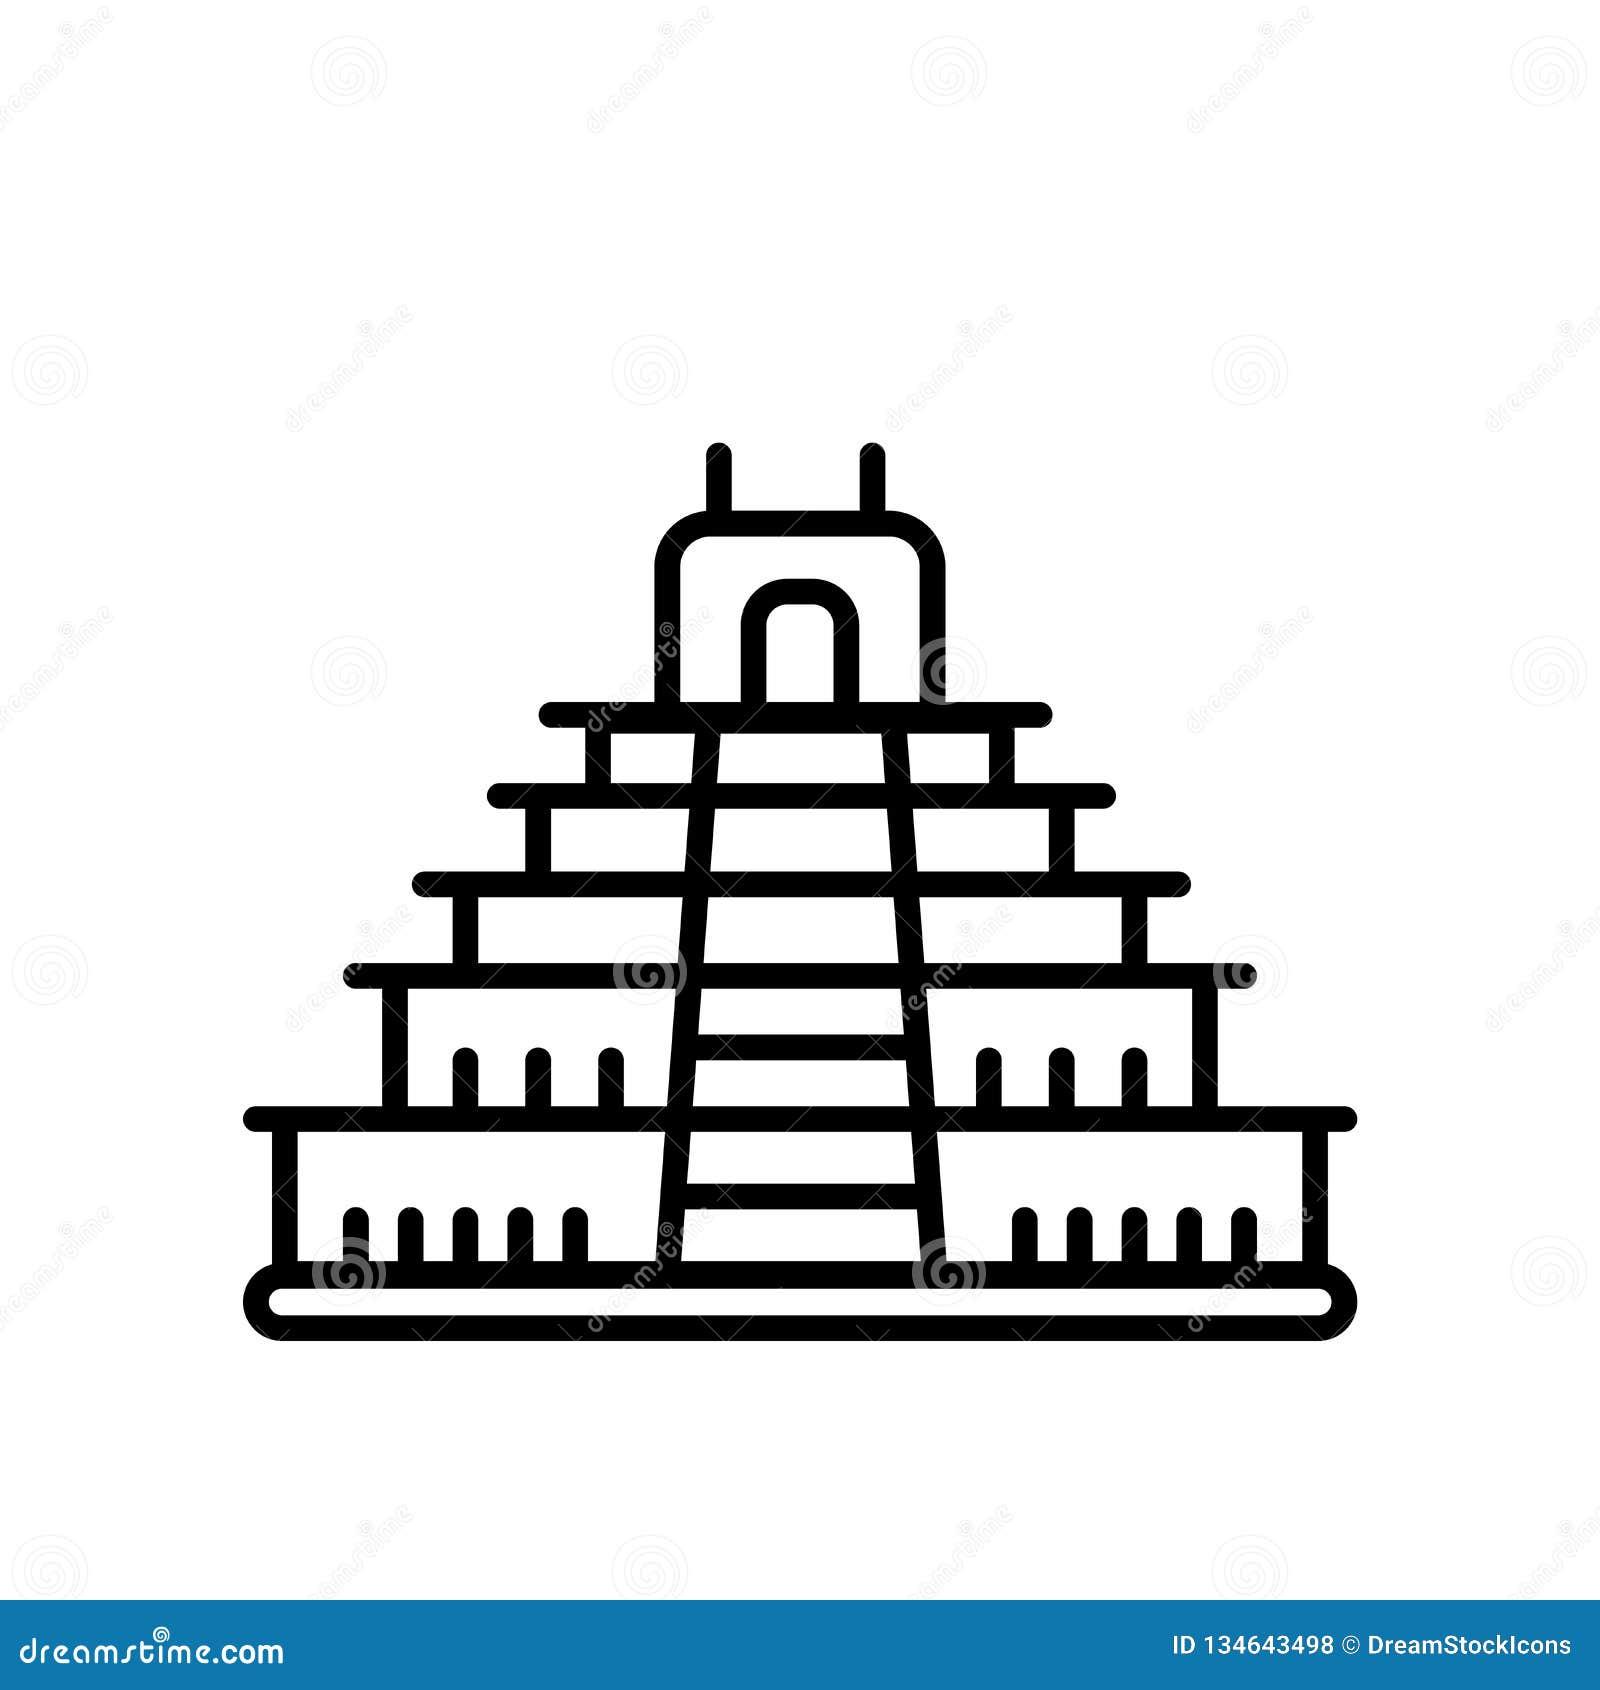 特奥蒂瓦坎在白色背景、特奥蒂瓦坎标志、线或者线性标志隔绝的象传染媒介,在概述样式的元素设计